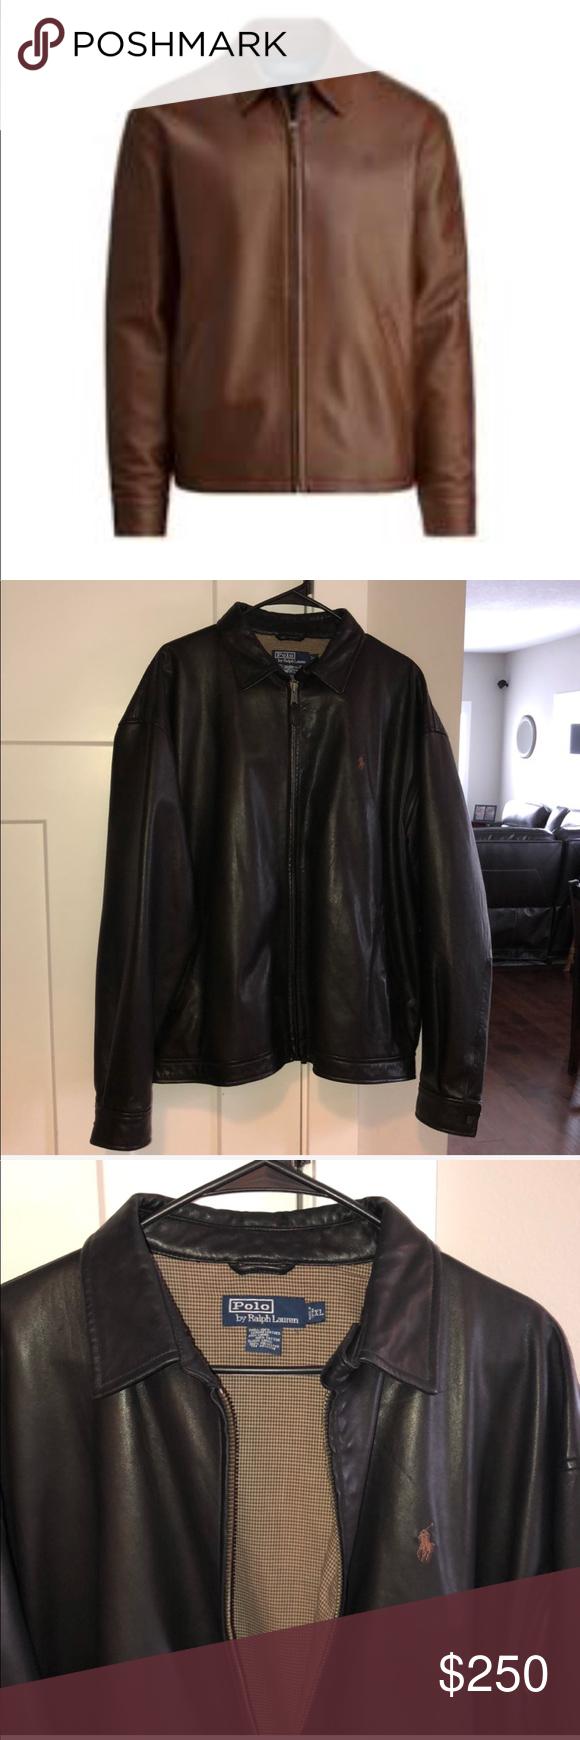 Ralph Lauren Lambskin Leather Jacket Leather Jacket Lambskin Leather Jacket Lambskin Leather [ 1740 x 580 Pixel ]